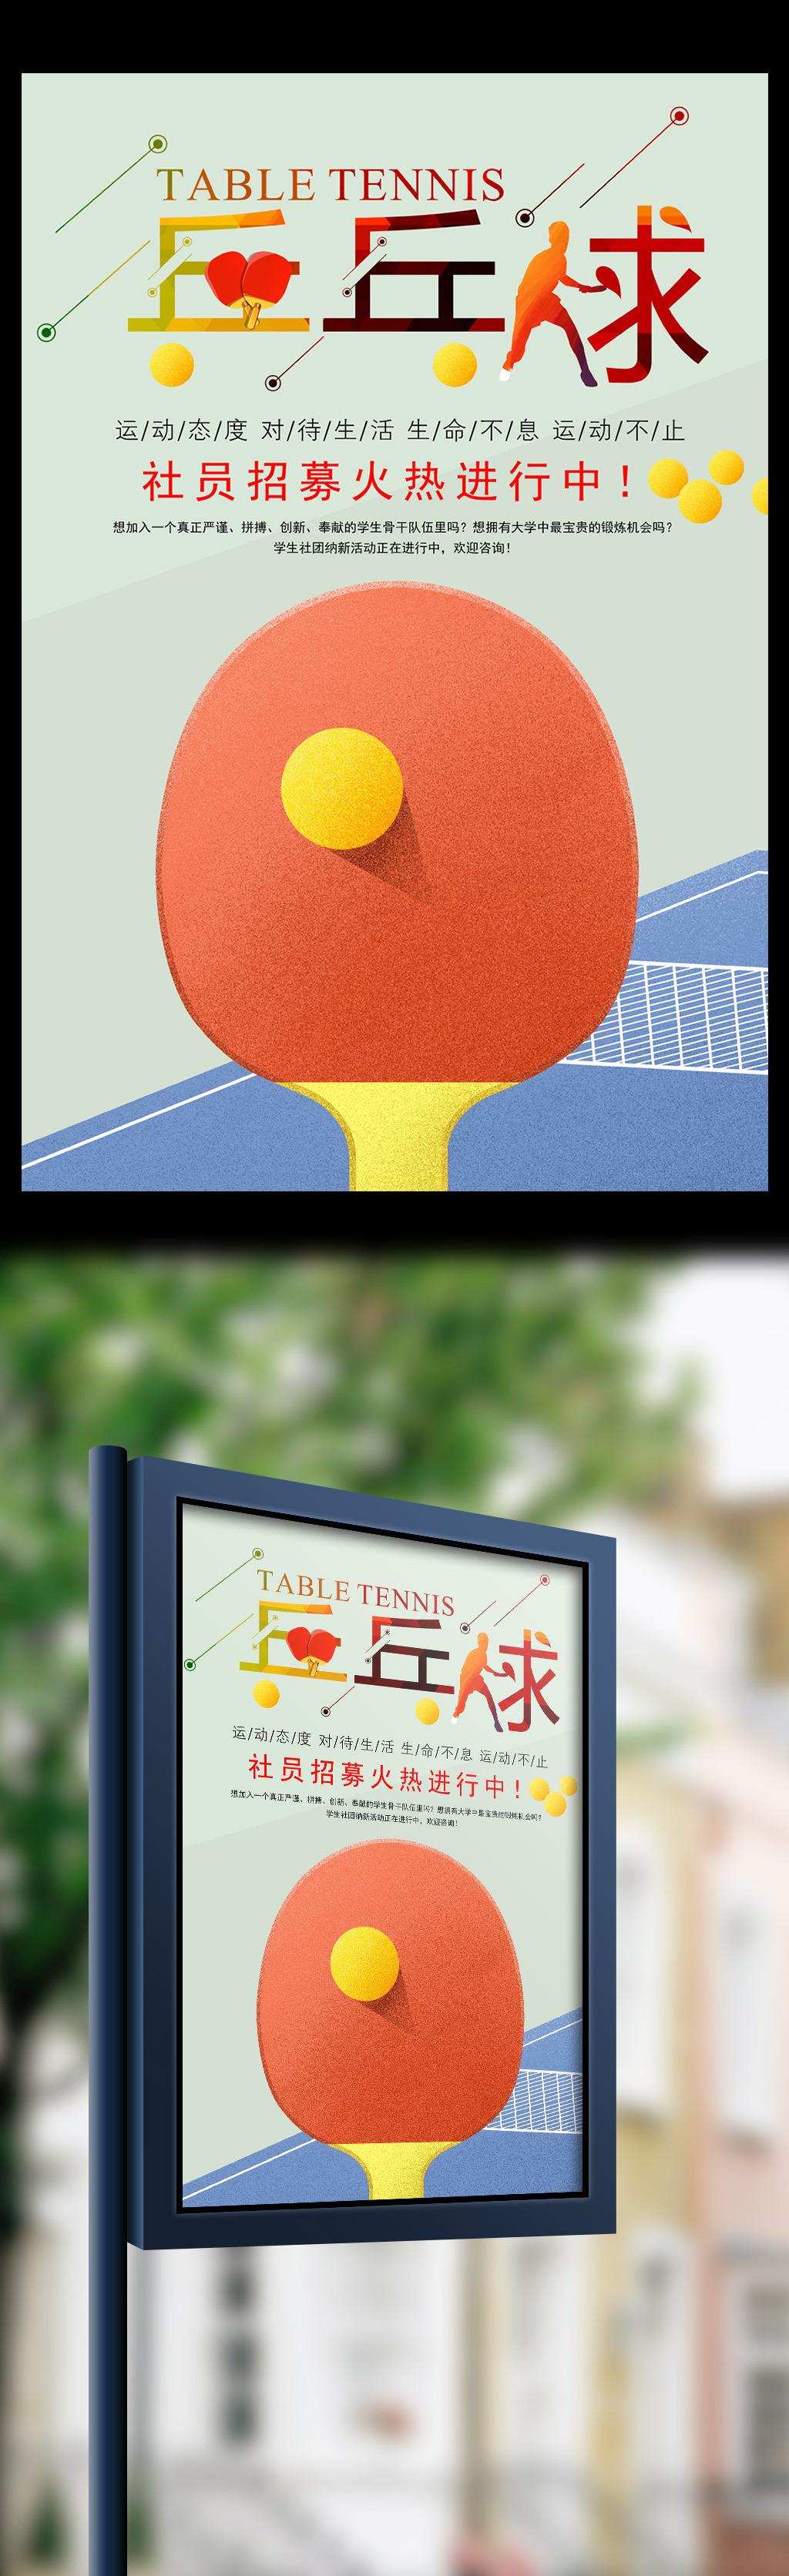 乒乓球社团招新手绘海报